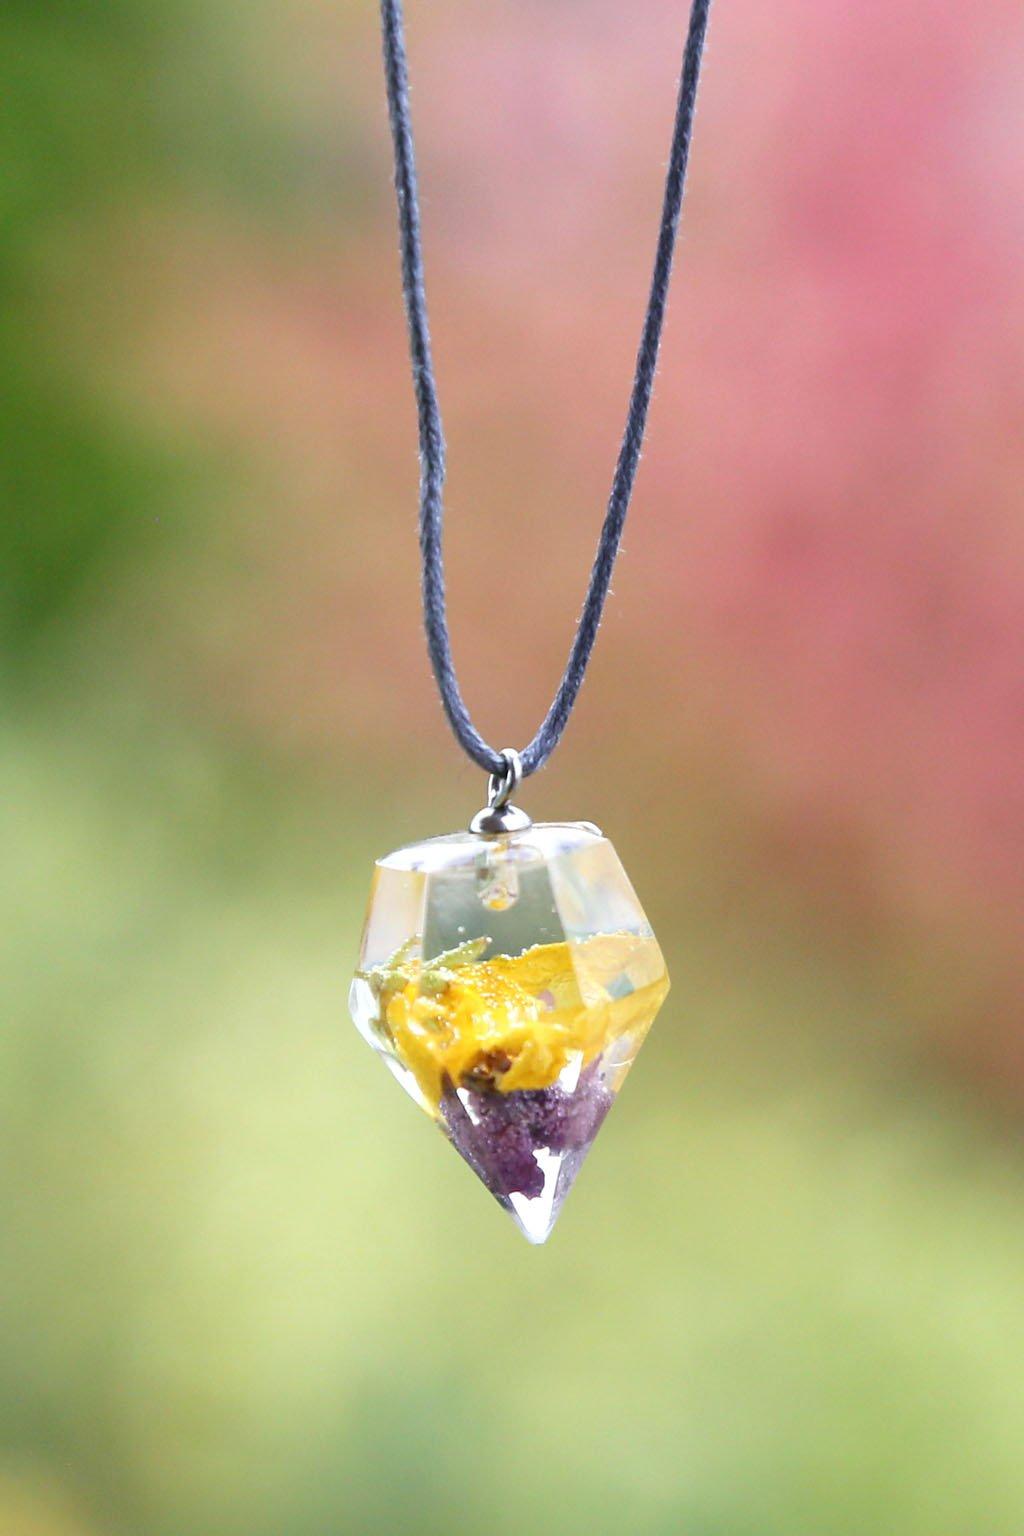 Krystalek KAAPO s Šeříkem a Zlatým deštěm